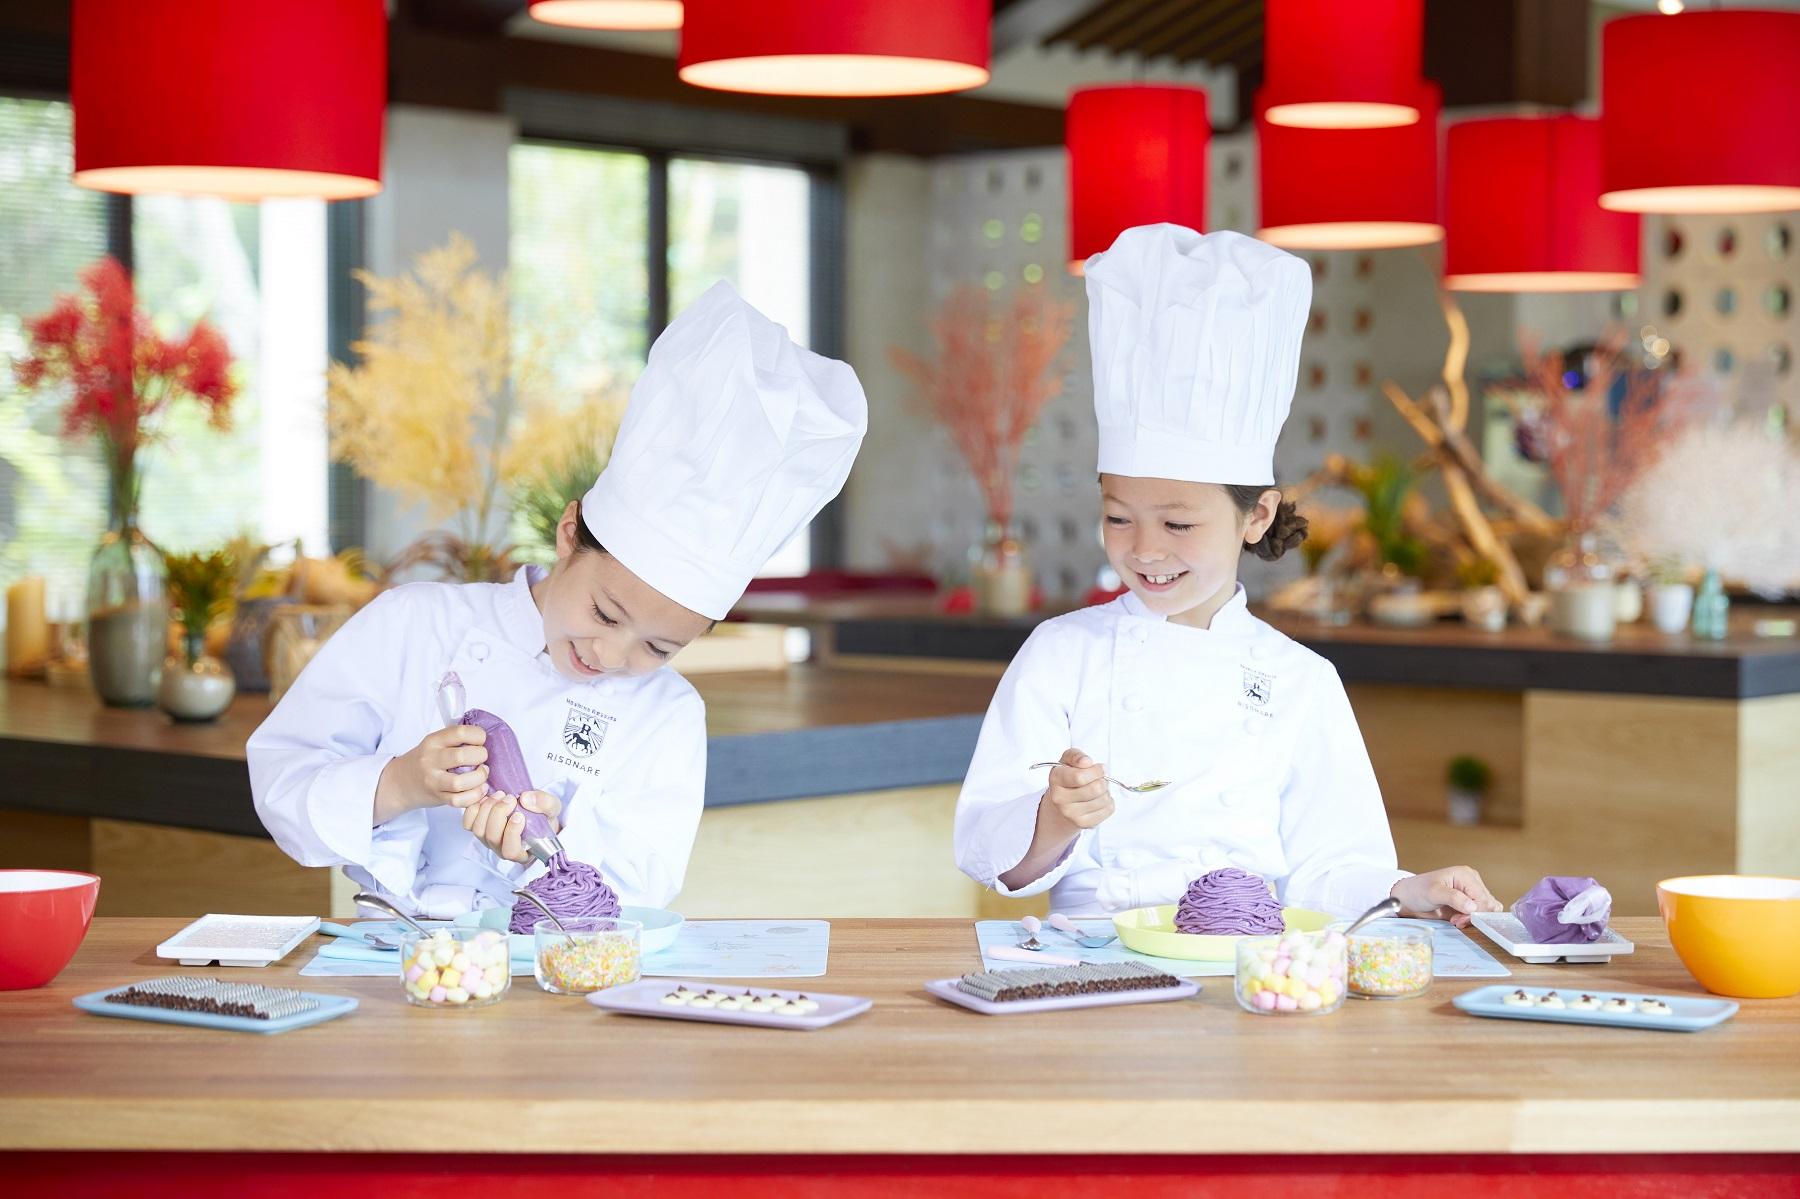 【リゾナーレ小浜島】子供たちが趣向をこらしたスイーツづくりを体験 「リゾナーレキッズスタジオ ~リゾ... 画像